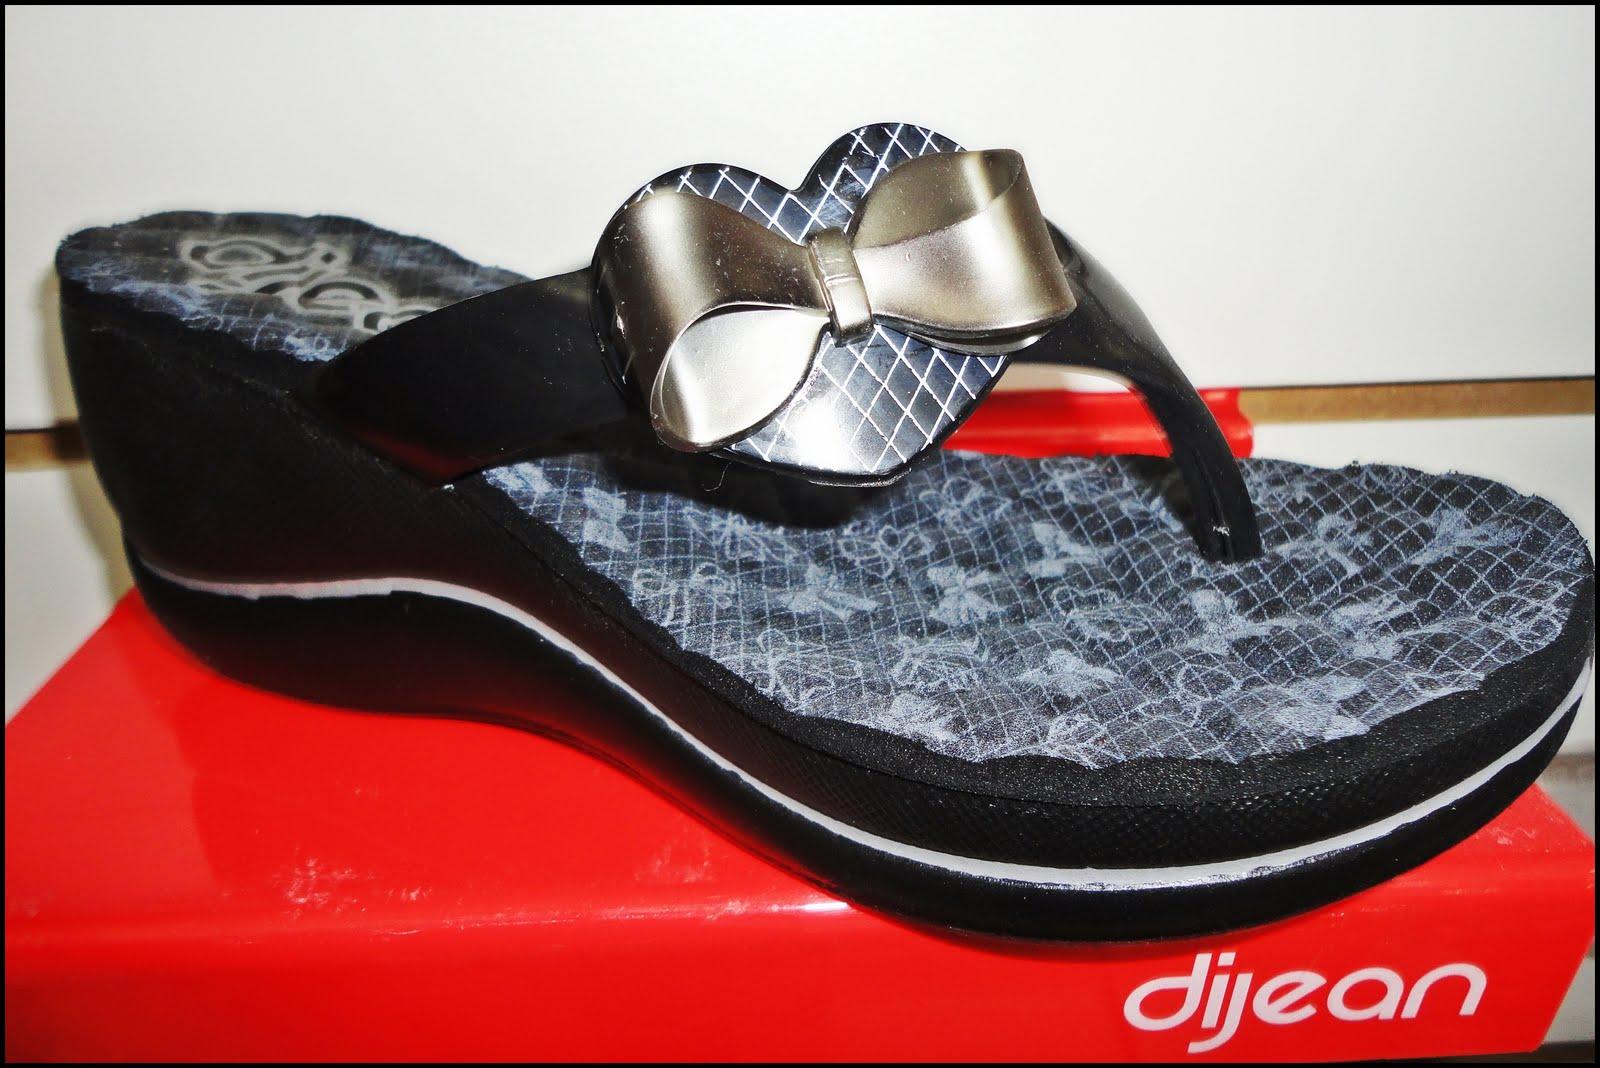 11fc9670a2 Novos modelos Azaleia Dijean.  Sujeito à disponibilidade de estoque.  Postado por Lojas Budiski ...